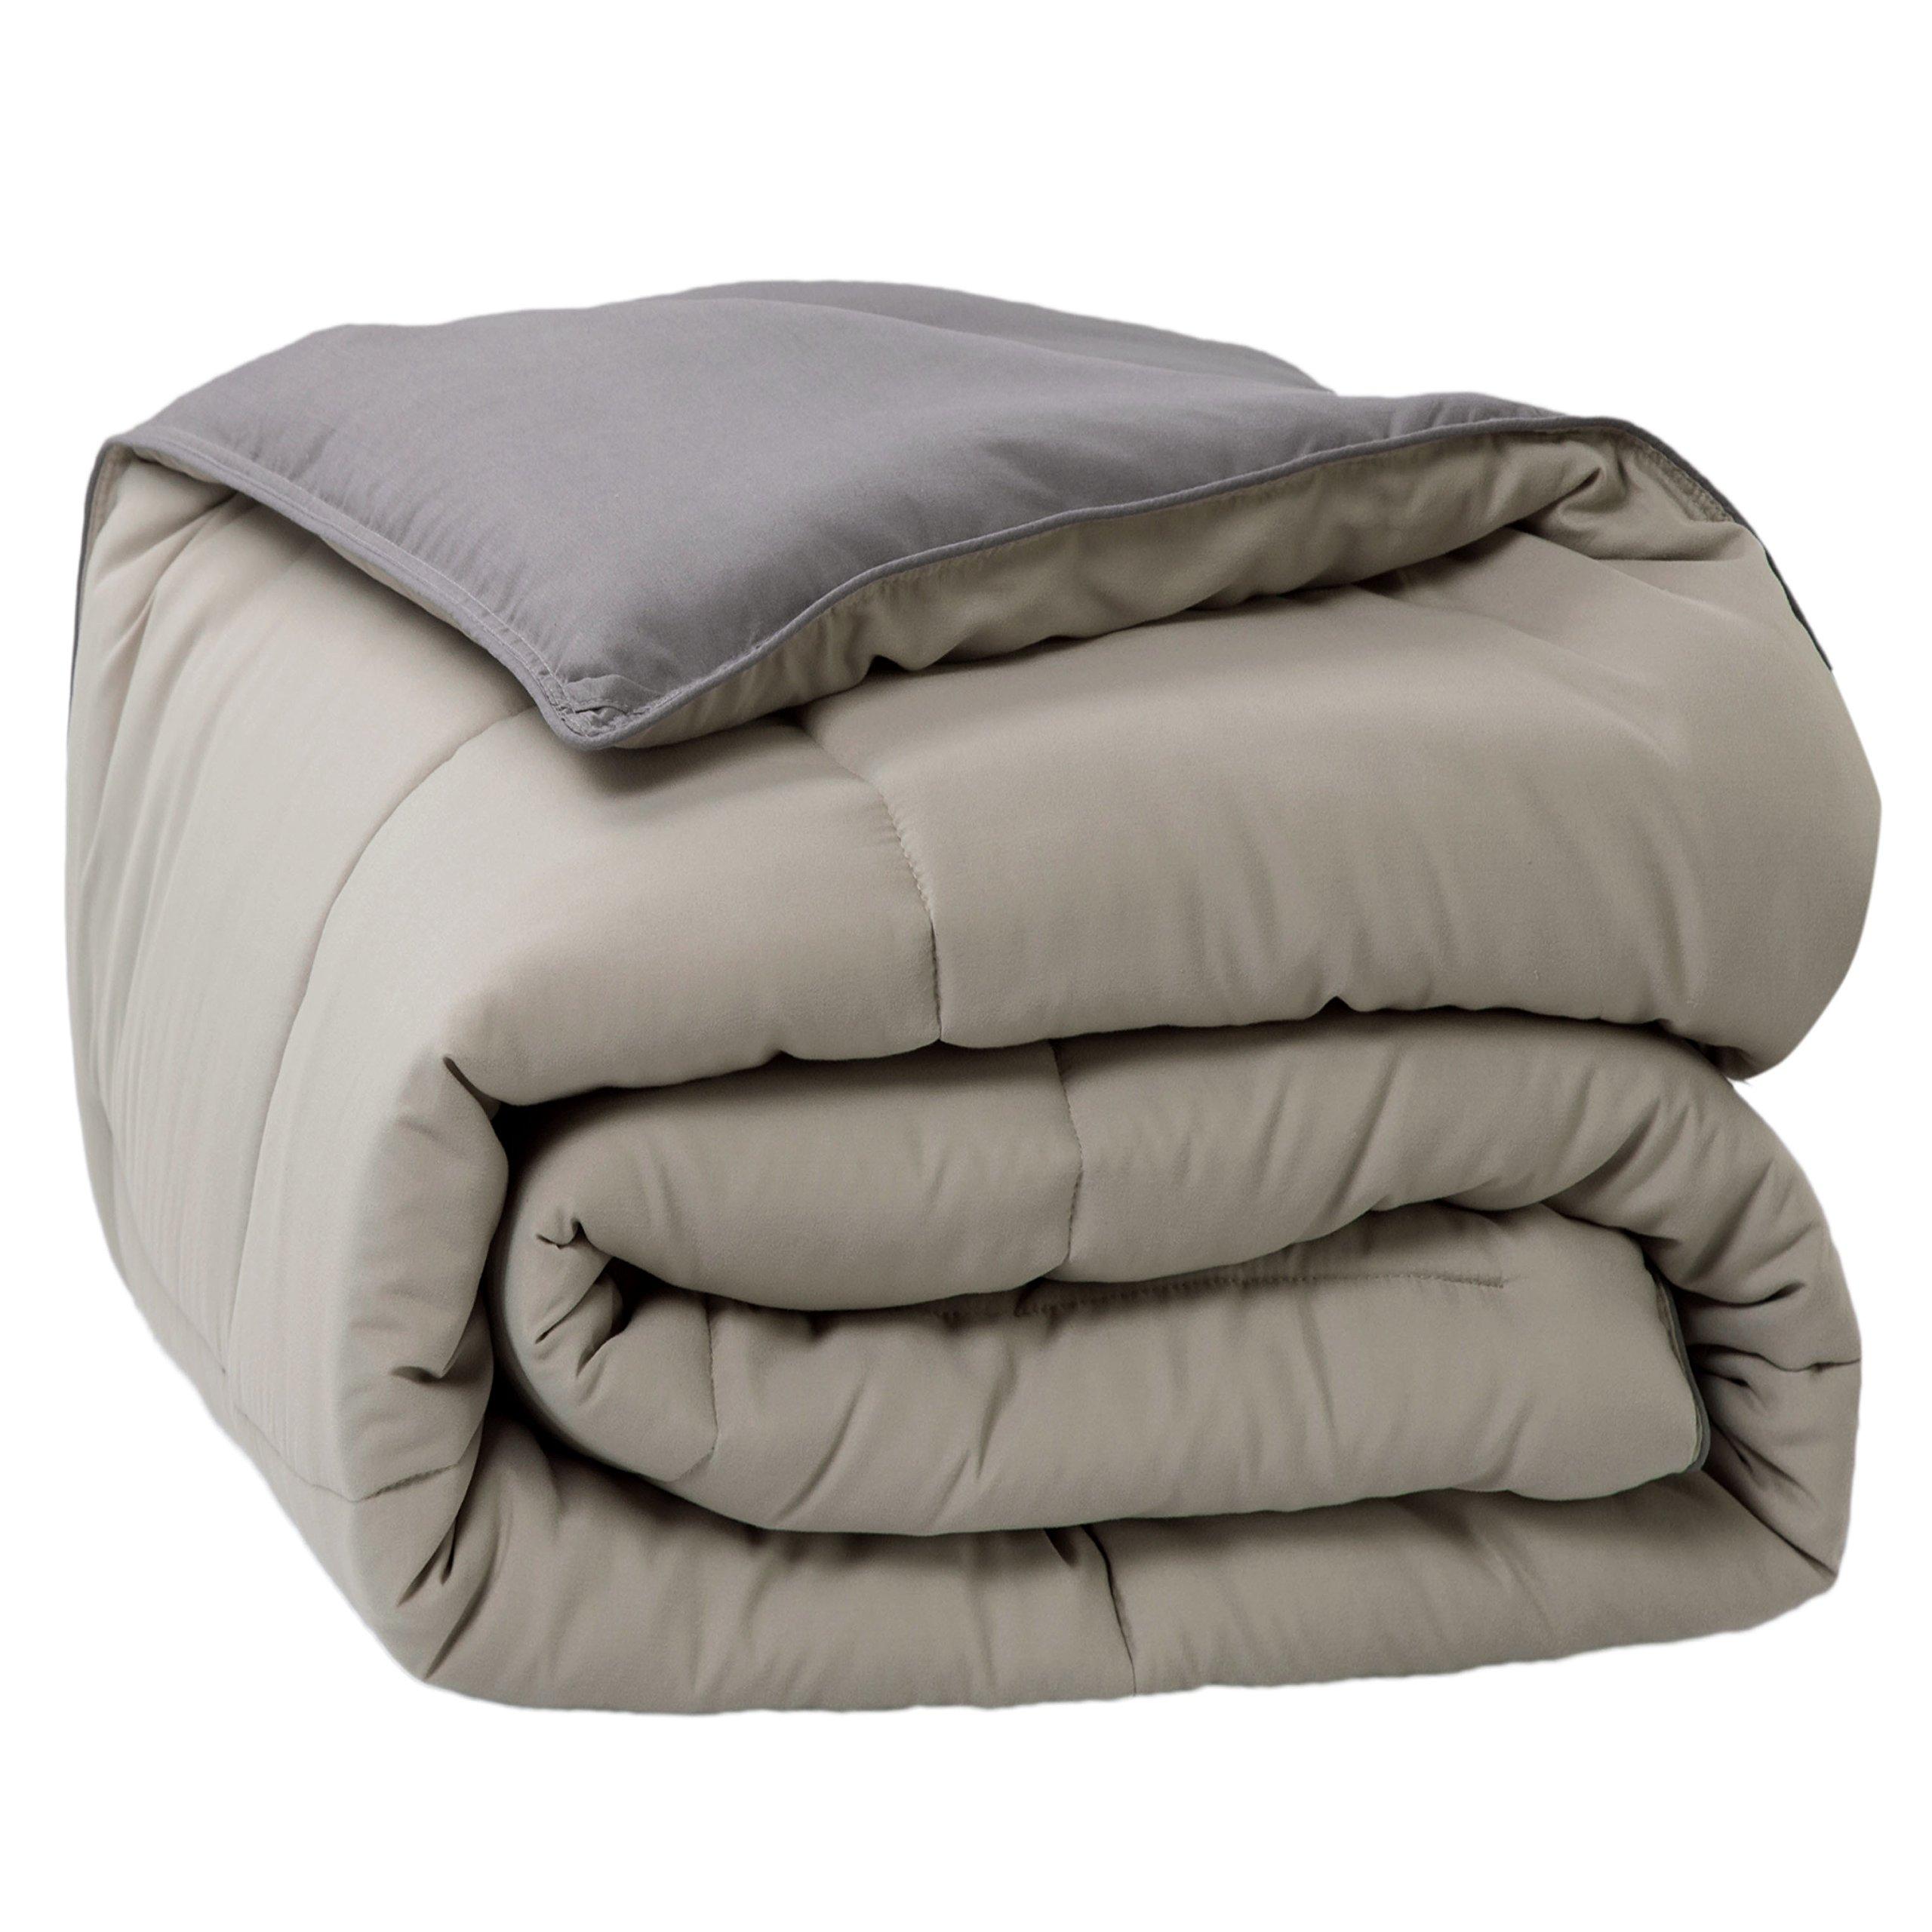 Bedsure Down Alternative Comforter Queen/Full Size Dark Grey Light Grey Reversible Microfiber Comforter Duvet by Bedsure